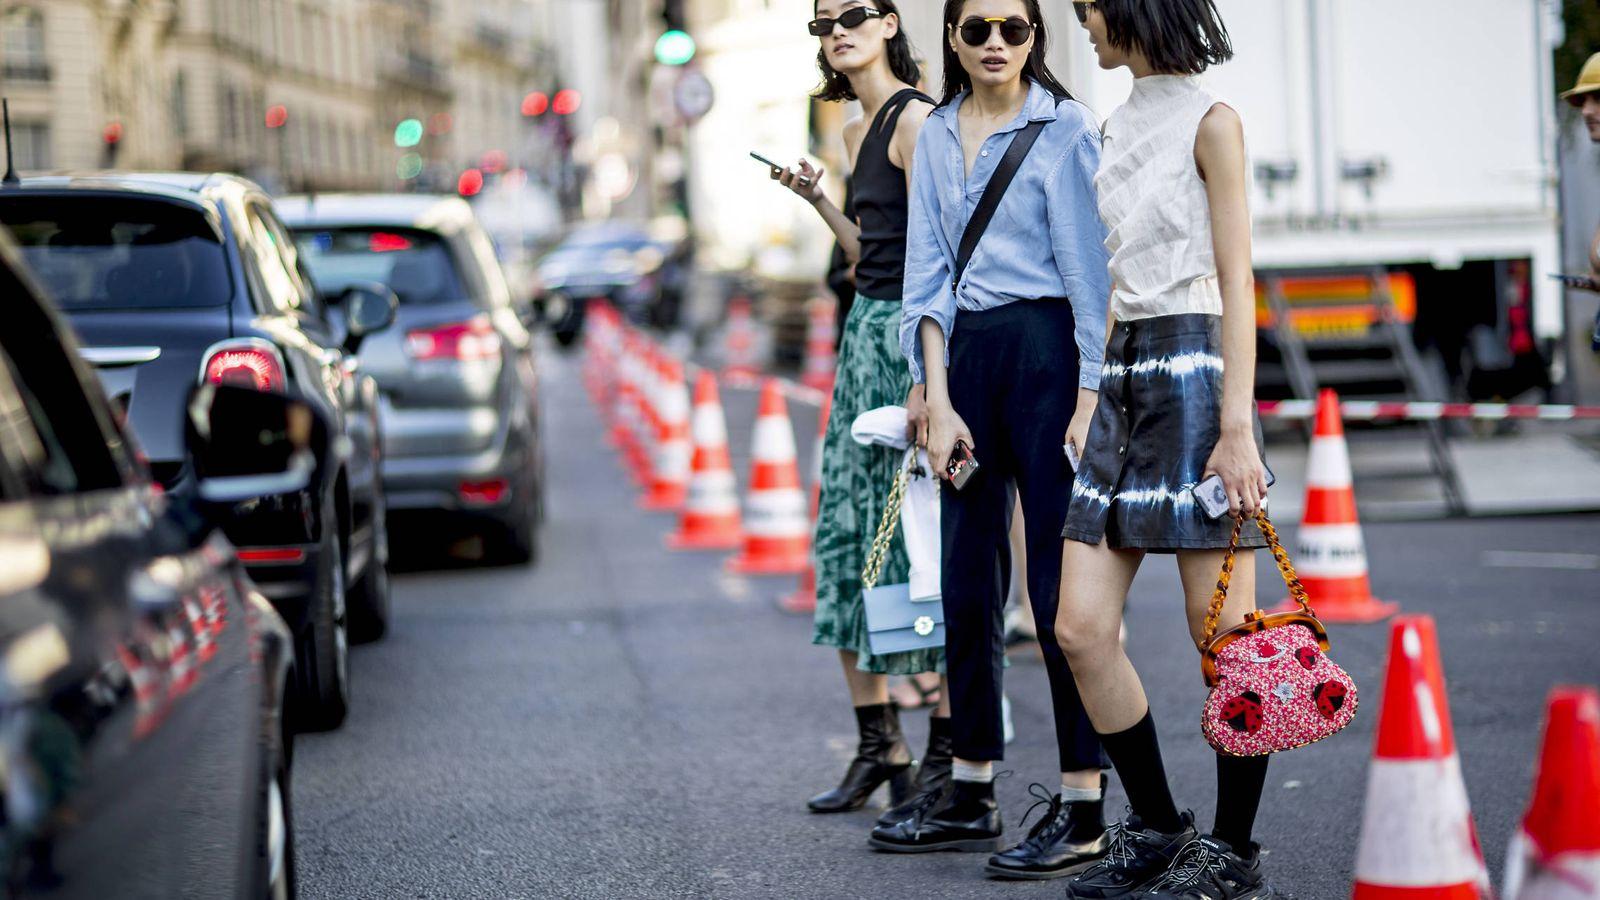 Foto: Sé diferente, apuesta por bolsos originales. Street style de la Semana de la Alta Costura de París. (Imaxtree)